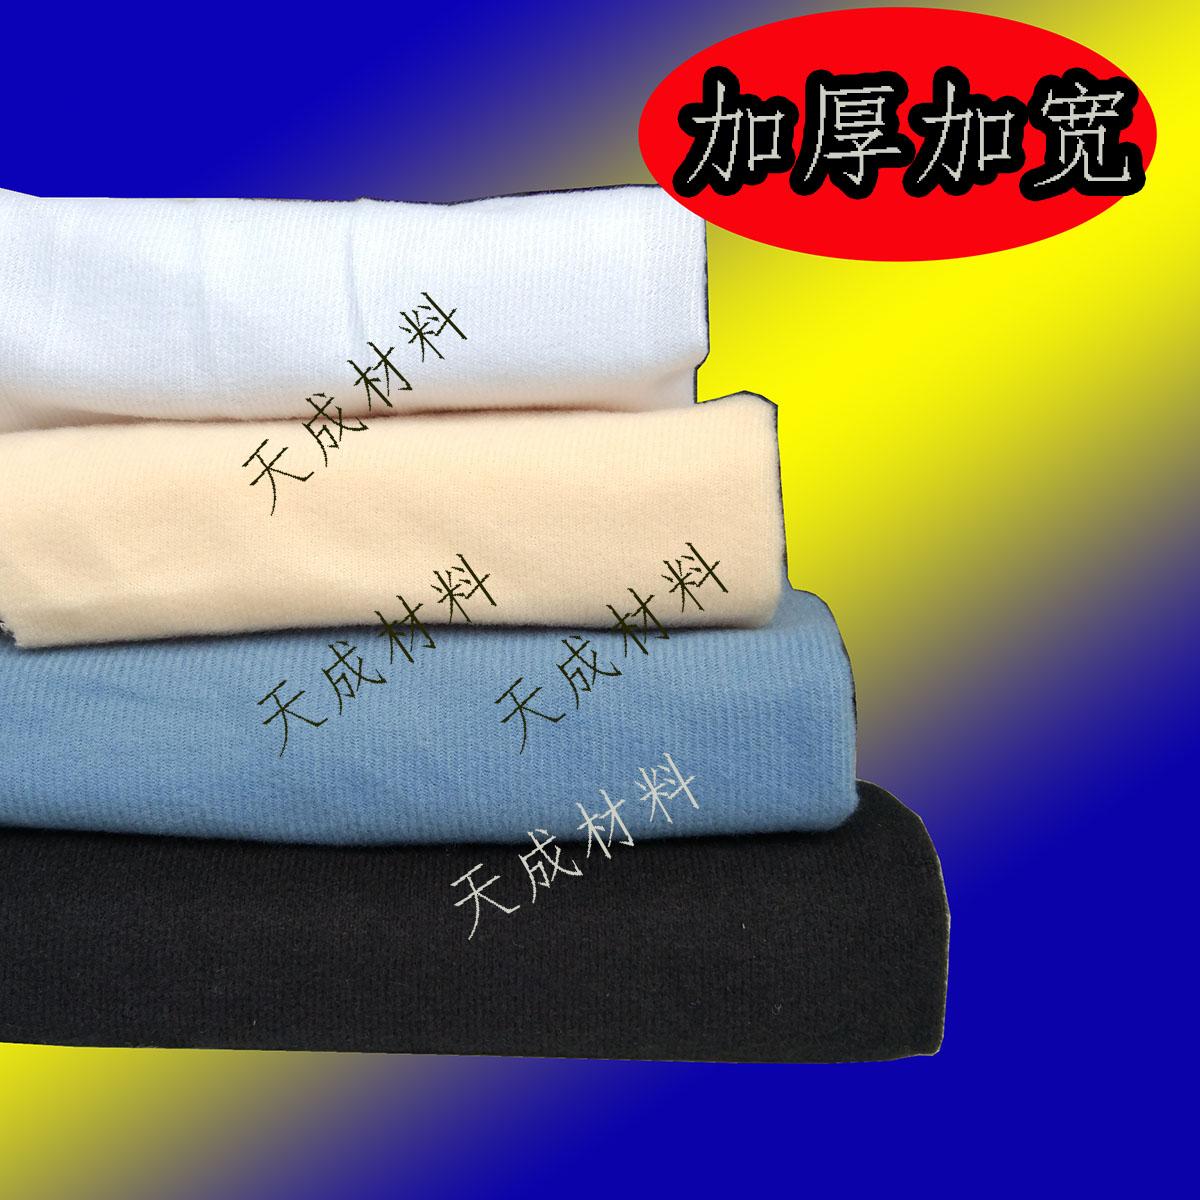 热卖 加厚沙发毛布魔术布料 起毛布拉毛布魔术布粘扣布沙发粘贴布